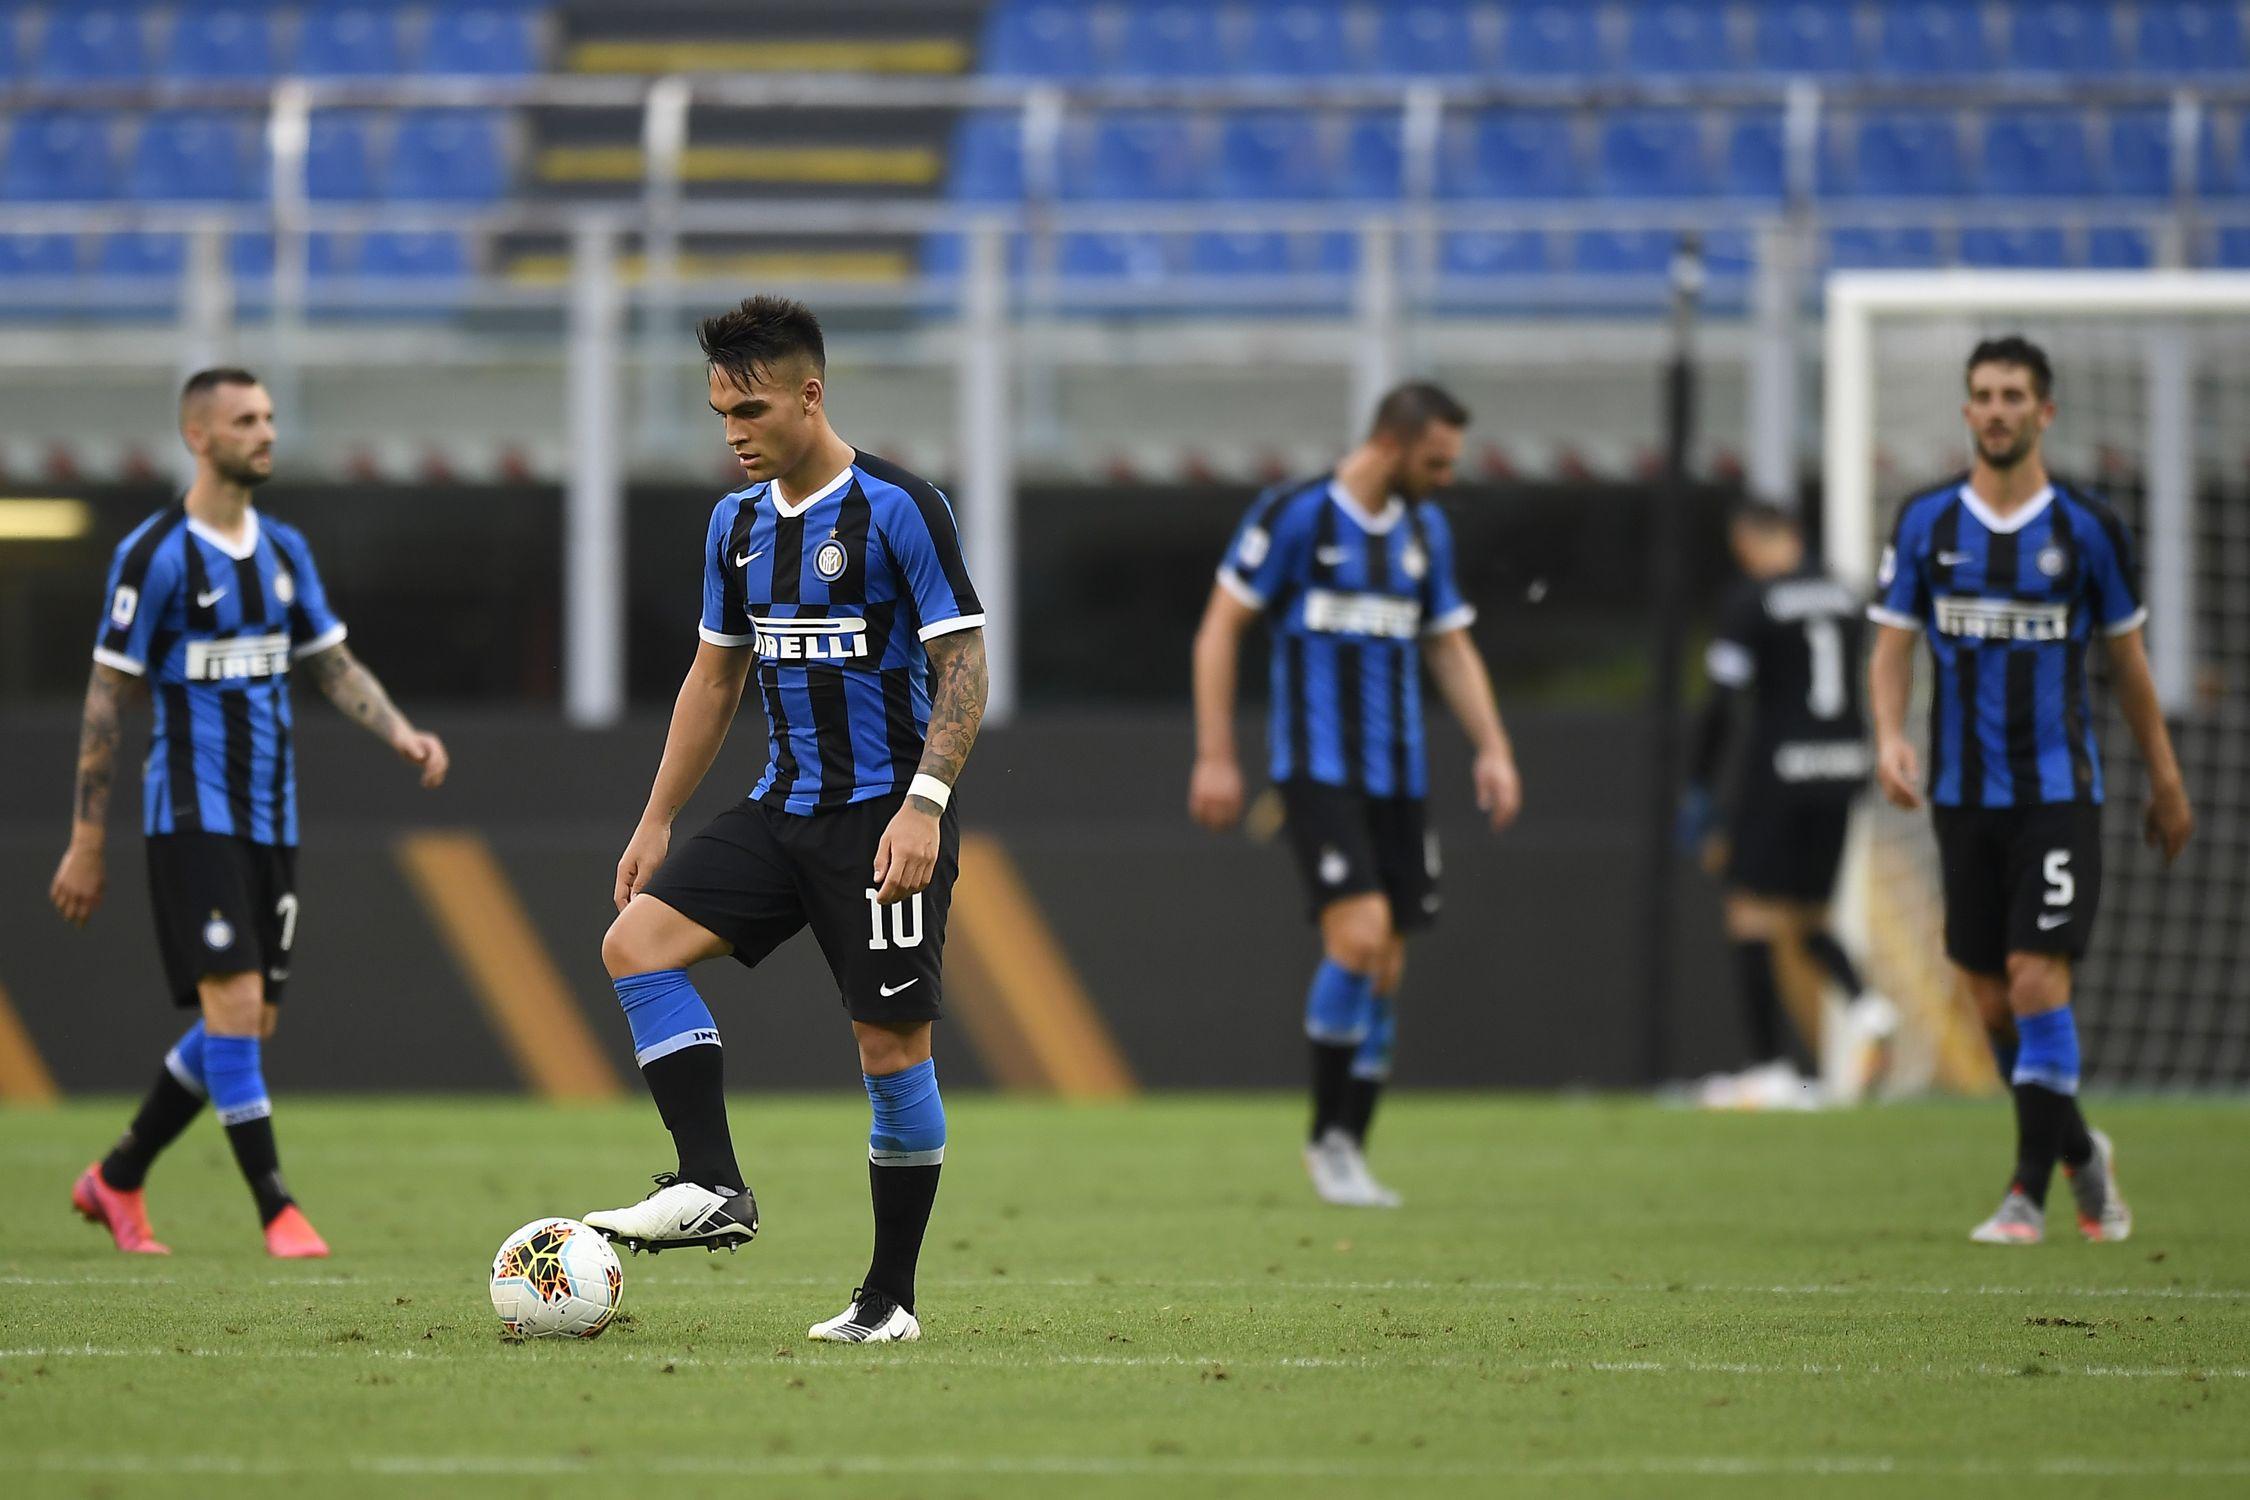 Football - Etranger - Serie A : Hellas Verone-Inter Milan en direct